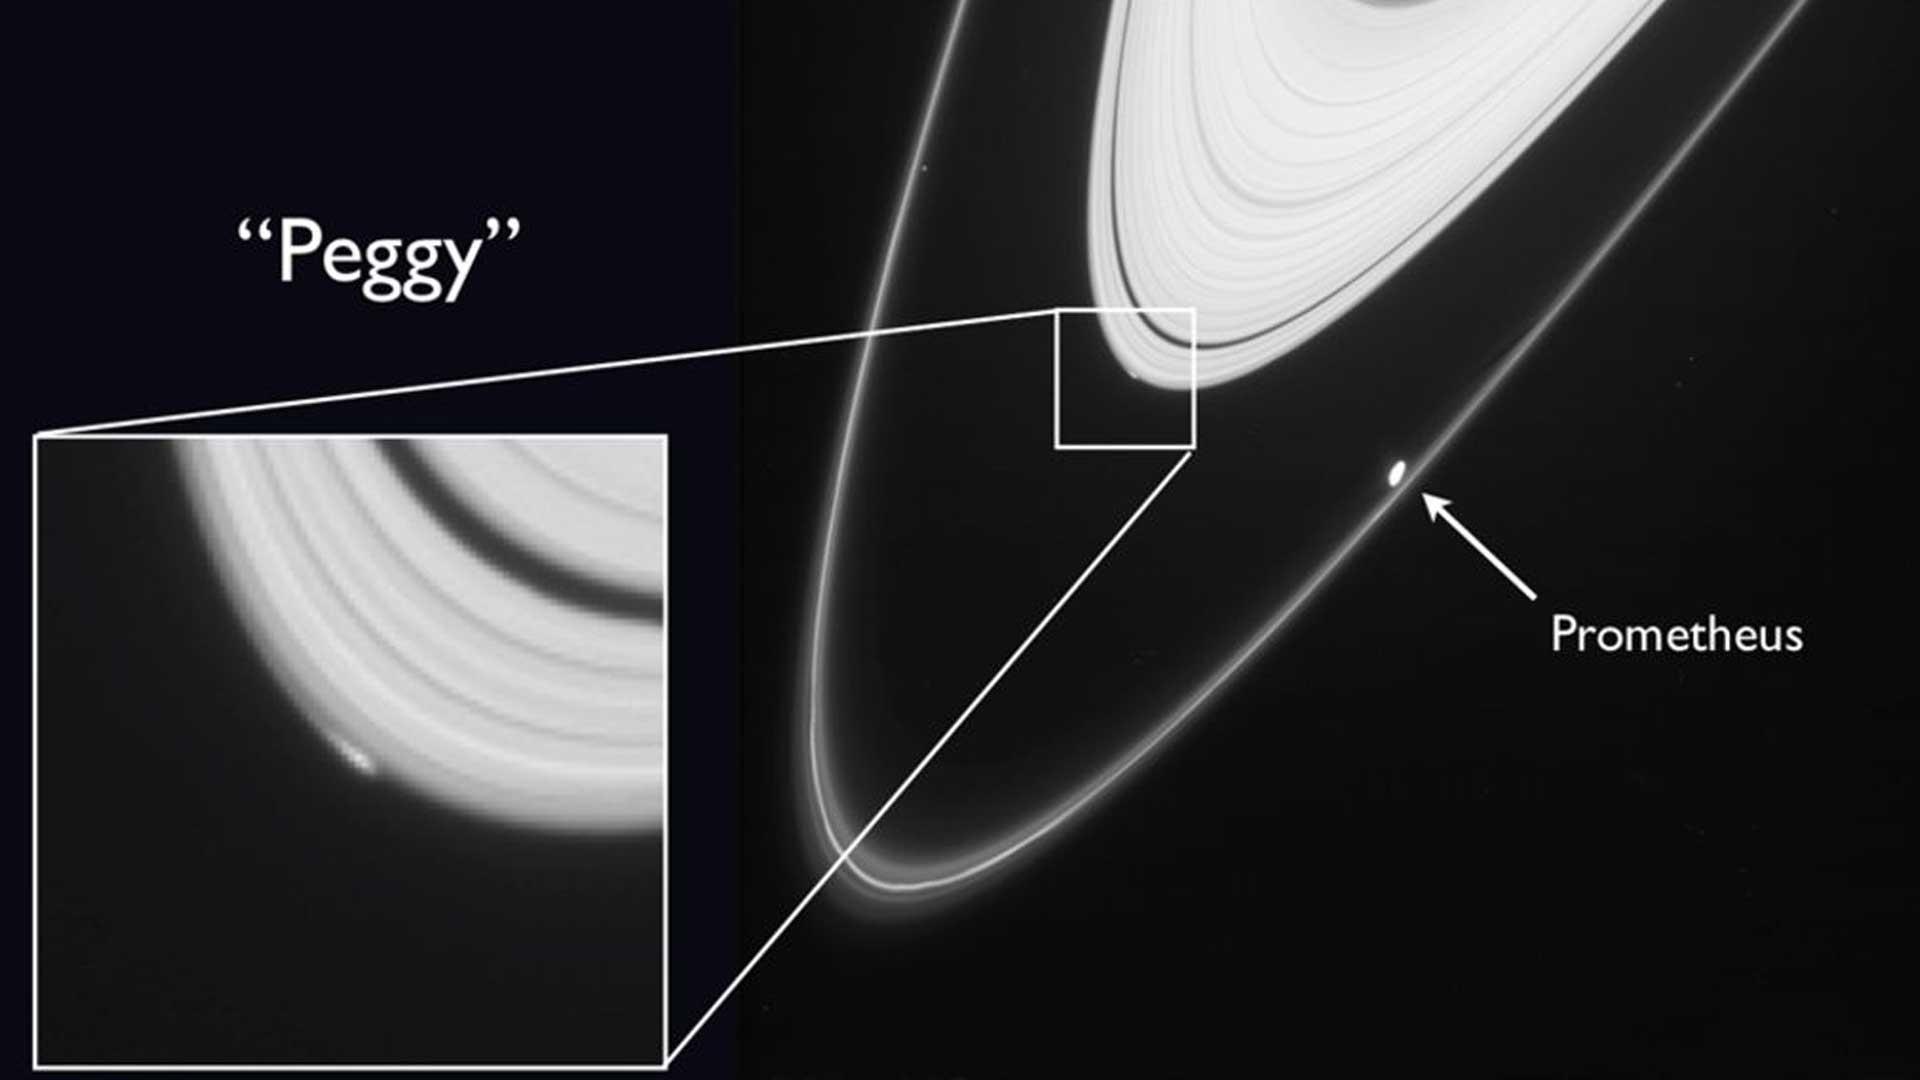 Esta extraña imagen de Saturno es la última que sacó la sonda espacial Cassini antes de estrellarse